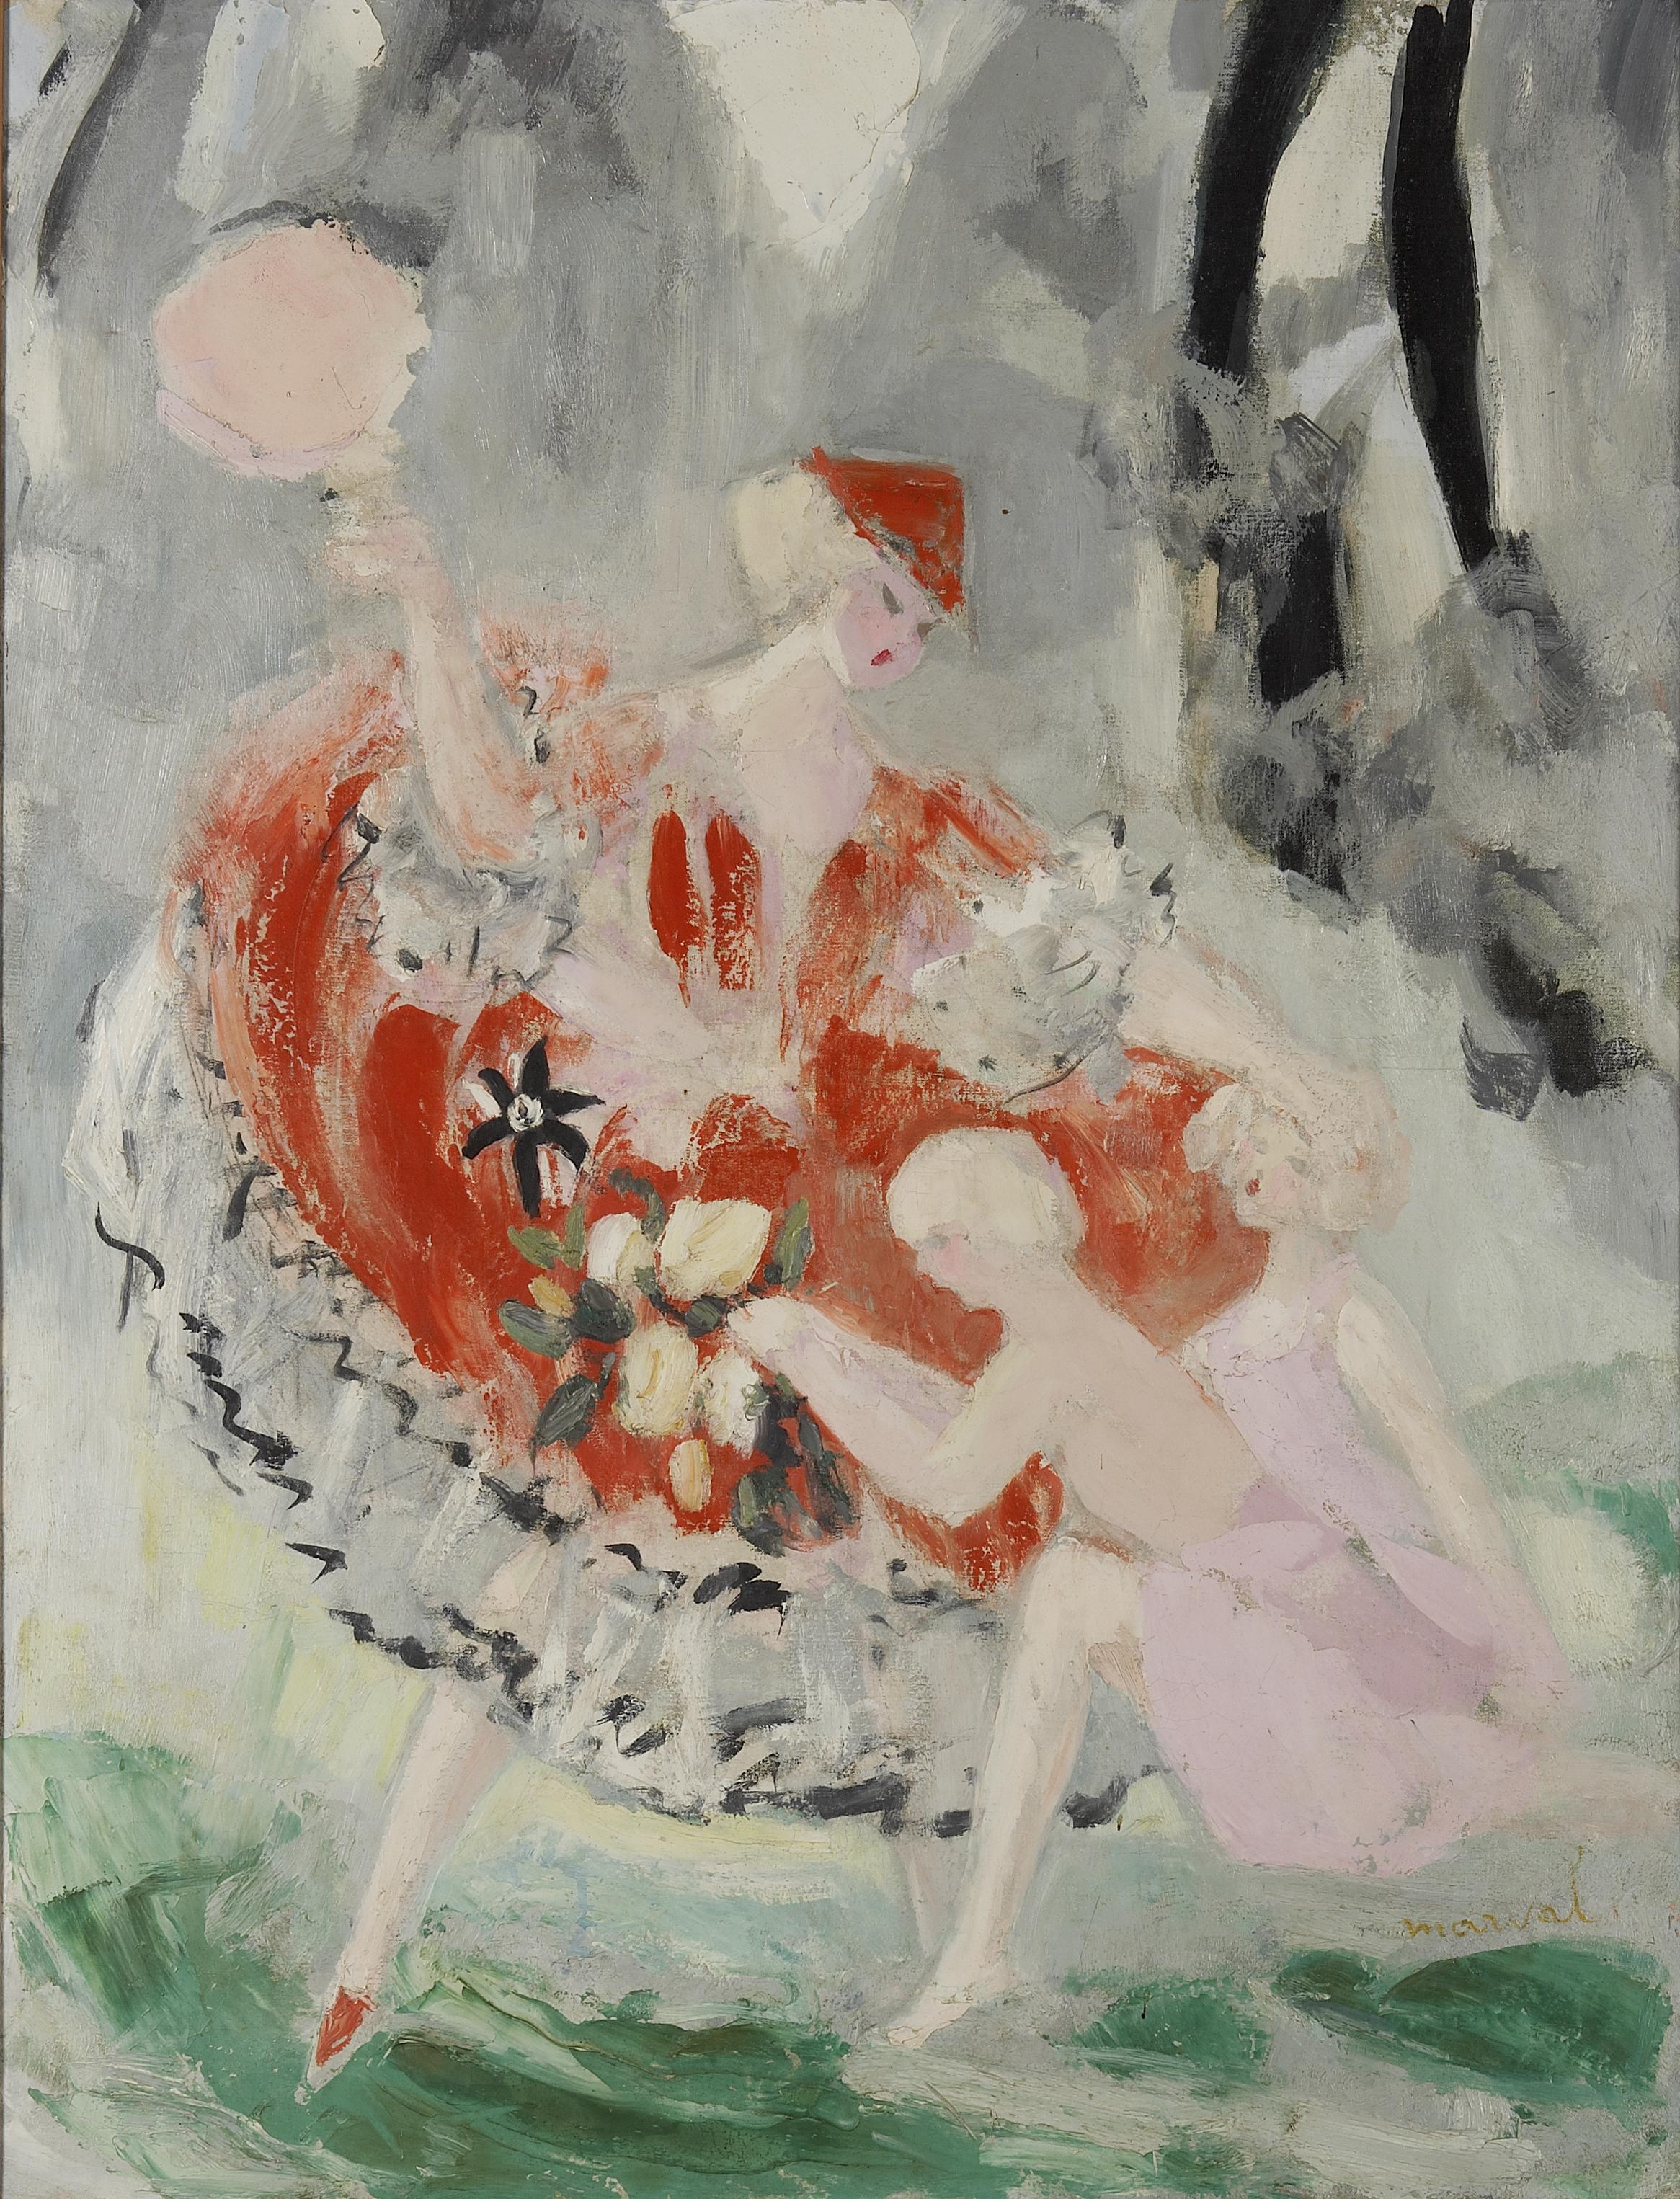 Cendrillon, Retour du Bal, Jacqueline Marval, 1929. Oil on canvas, 116 cm x 90 cm. Private collection, Paris.